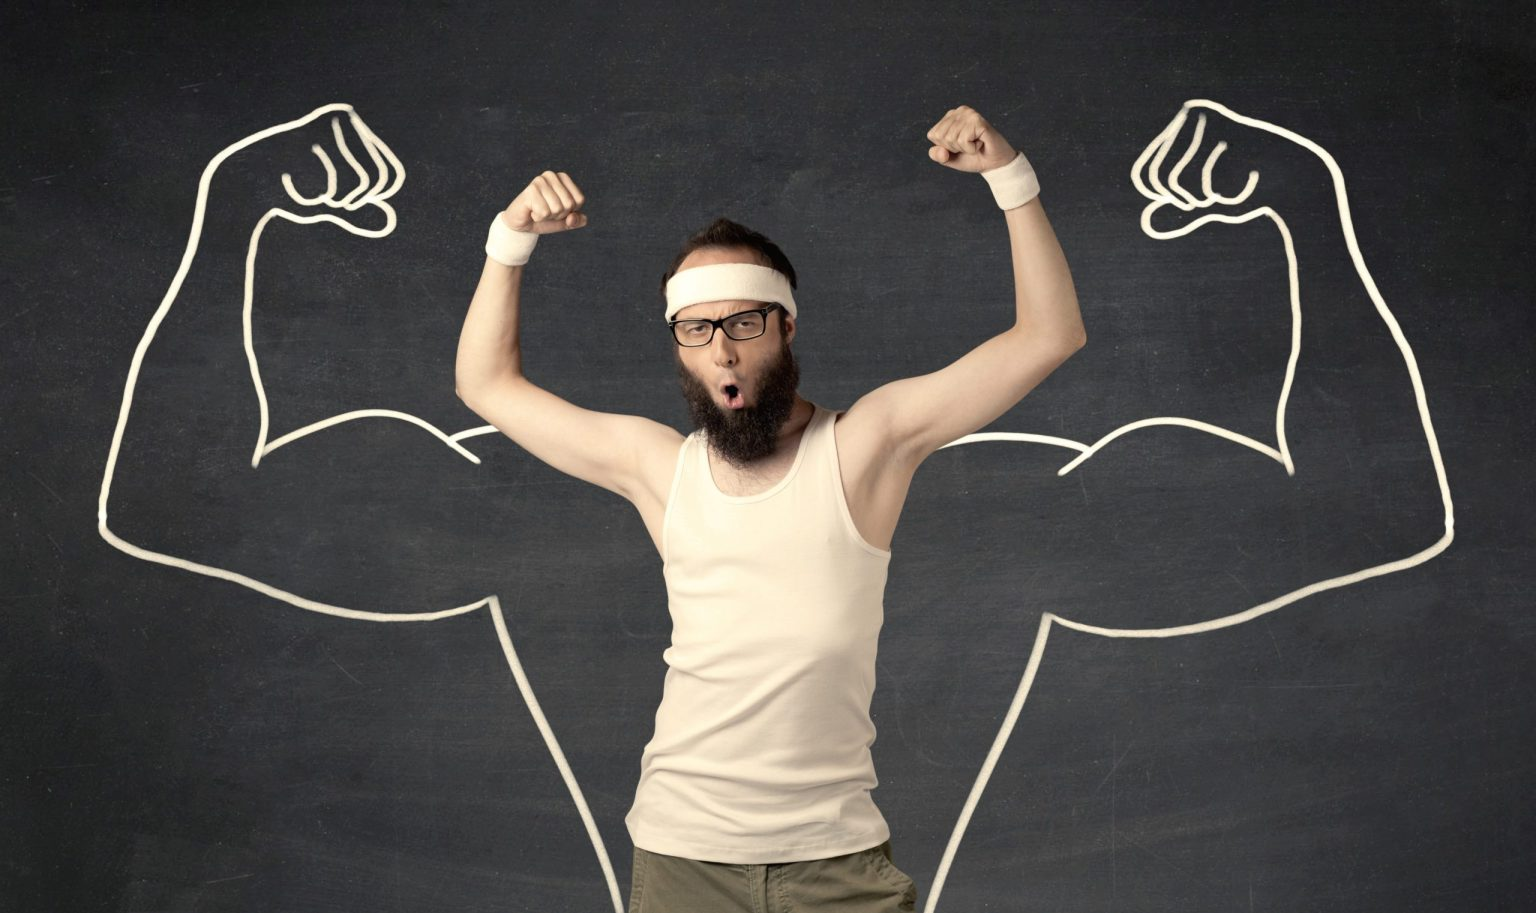 Qué es mejor al hacer ejercicio: ¿constancia o intensidad?